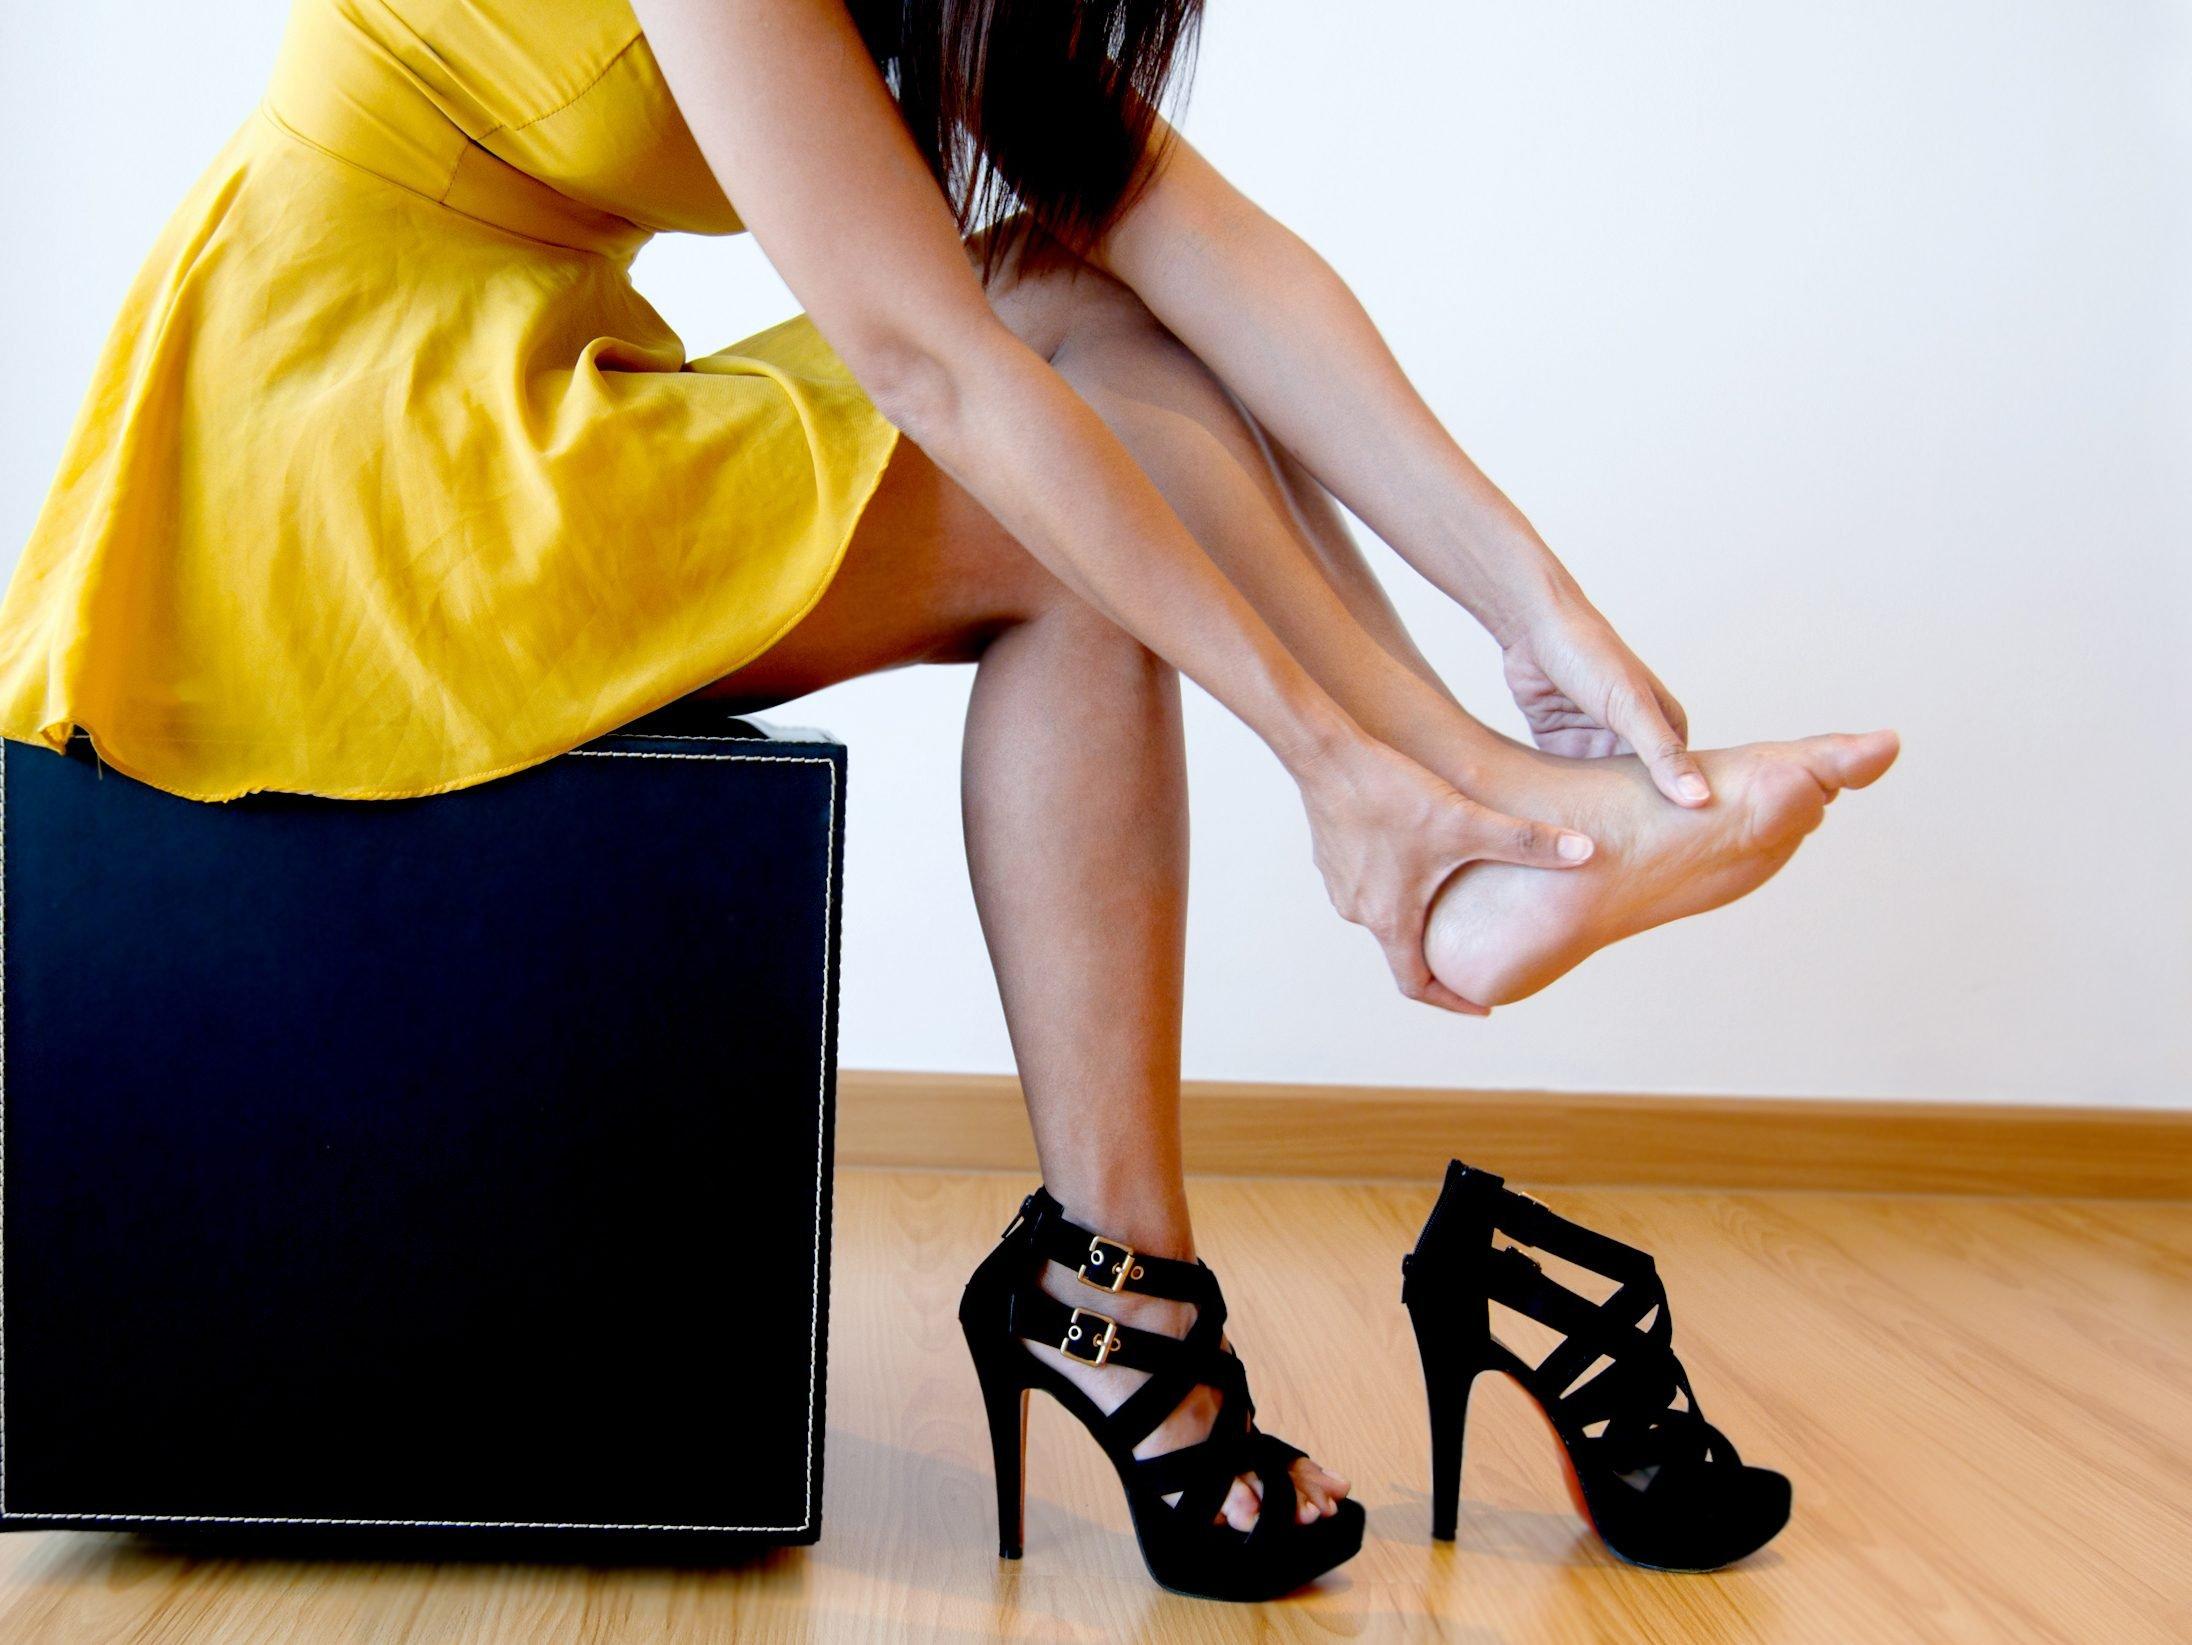 5. Soothe Heel Pain